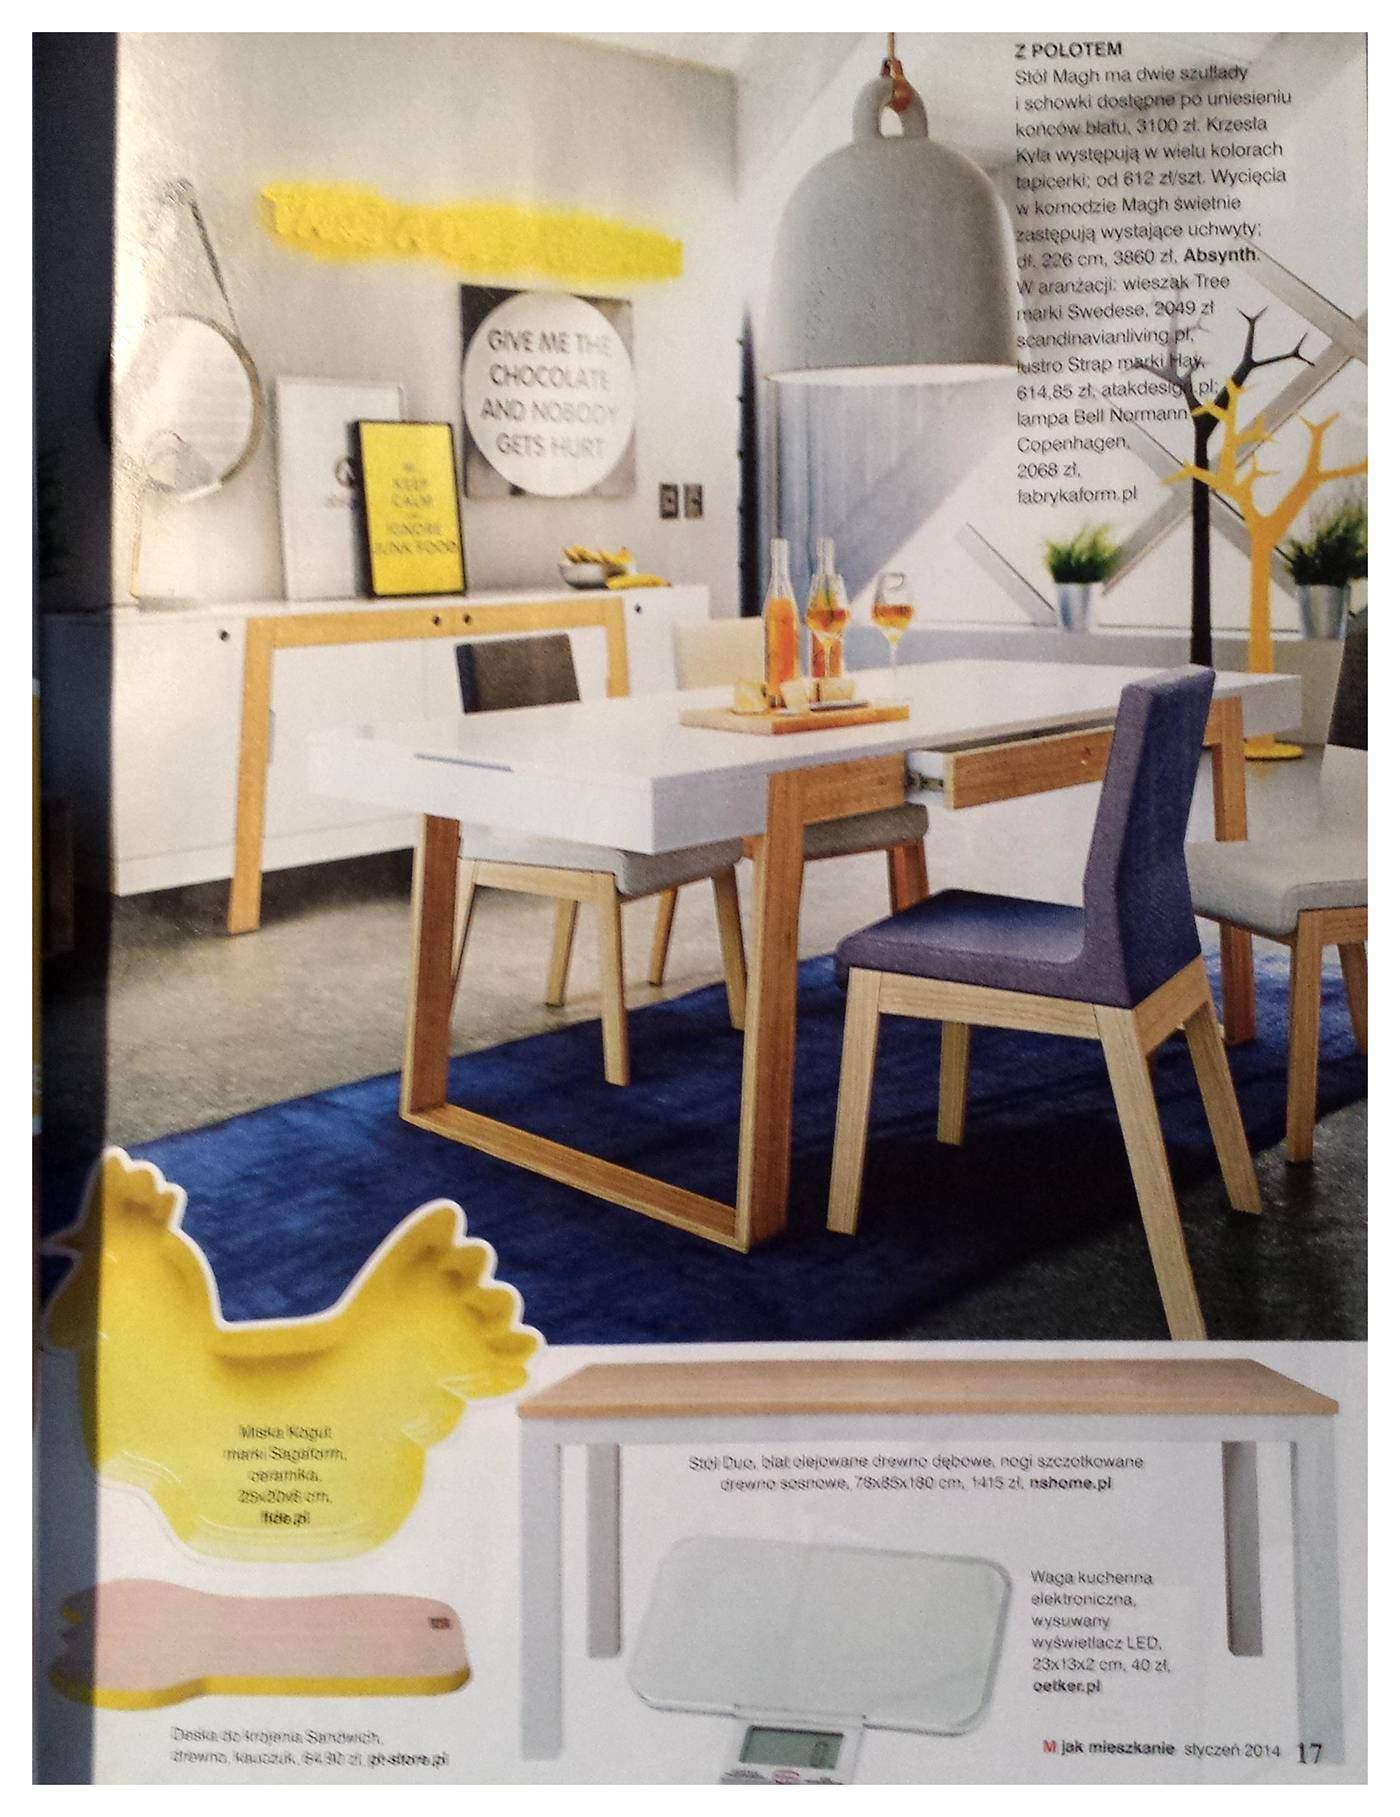 holzfliesen garten elegant 3d visualization interior design behance design von beton of holzfliesen garten